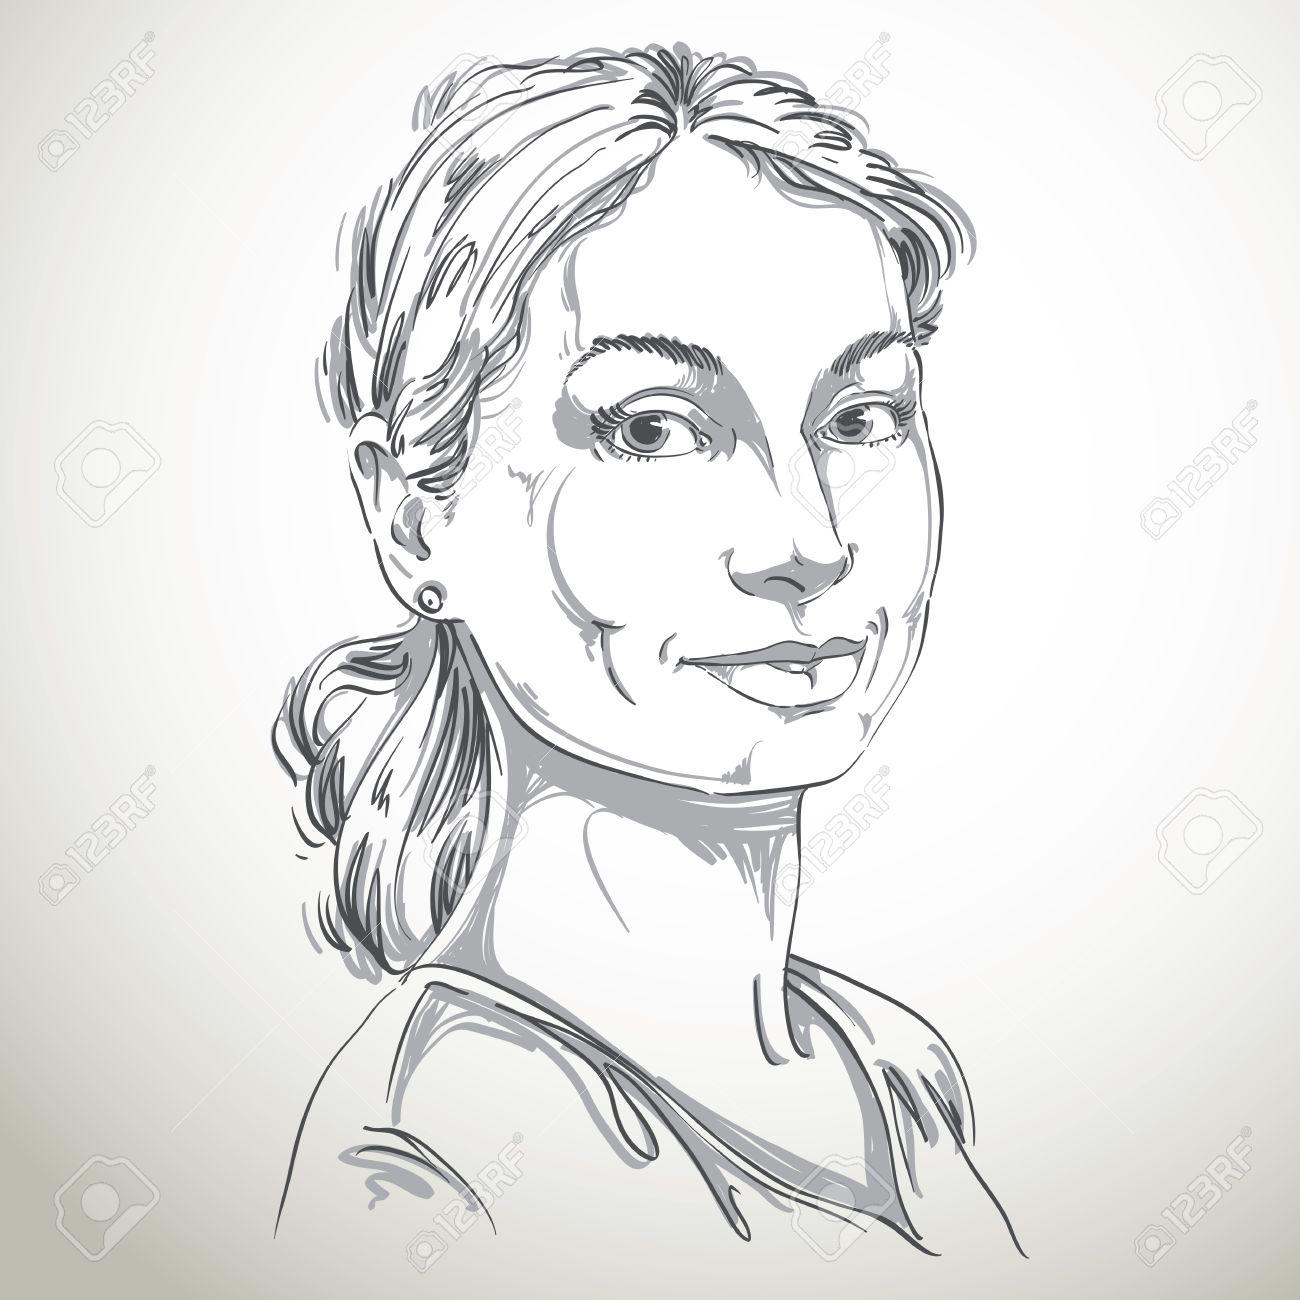 Portrait De Délicat Beau Encore Femme Noir Et Blanc Dessin Vectoriel Dune Jeune Fille Paisible Et Tendre Idée Image Expressions émotionnelle Joli